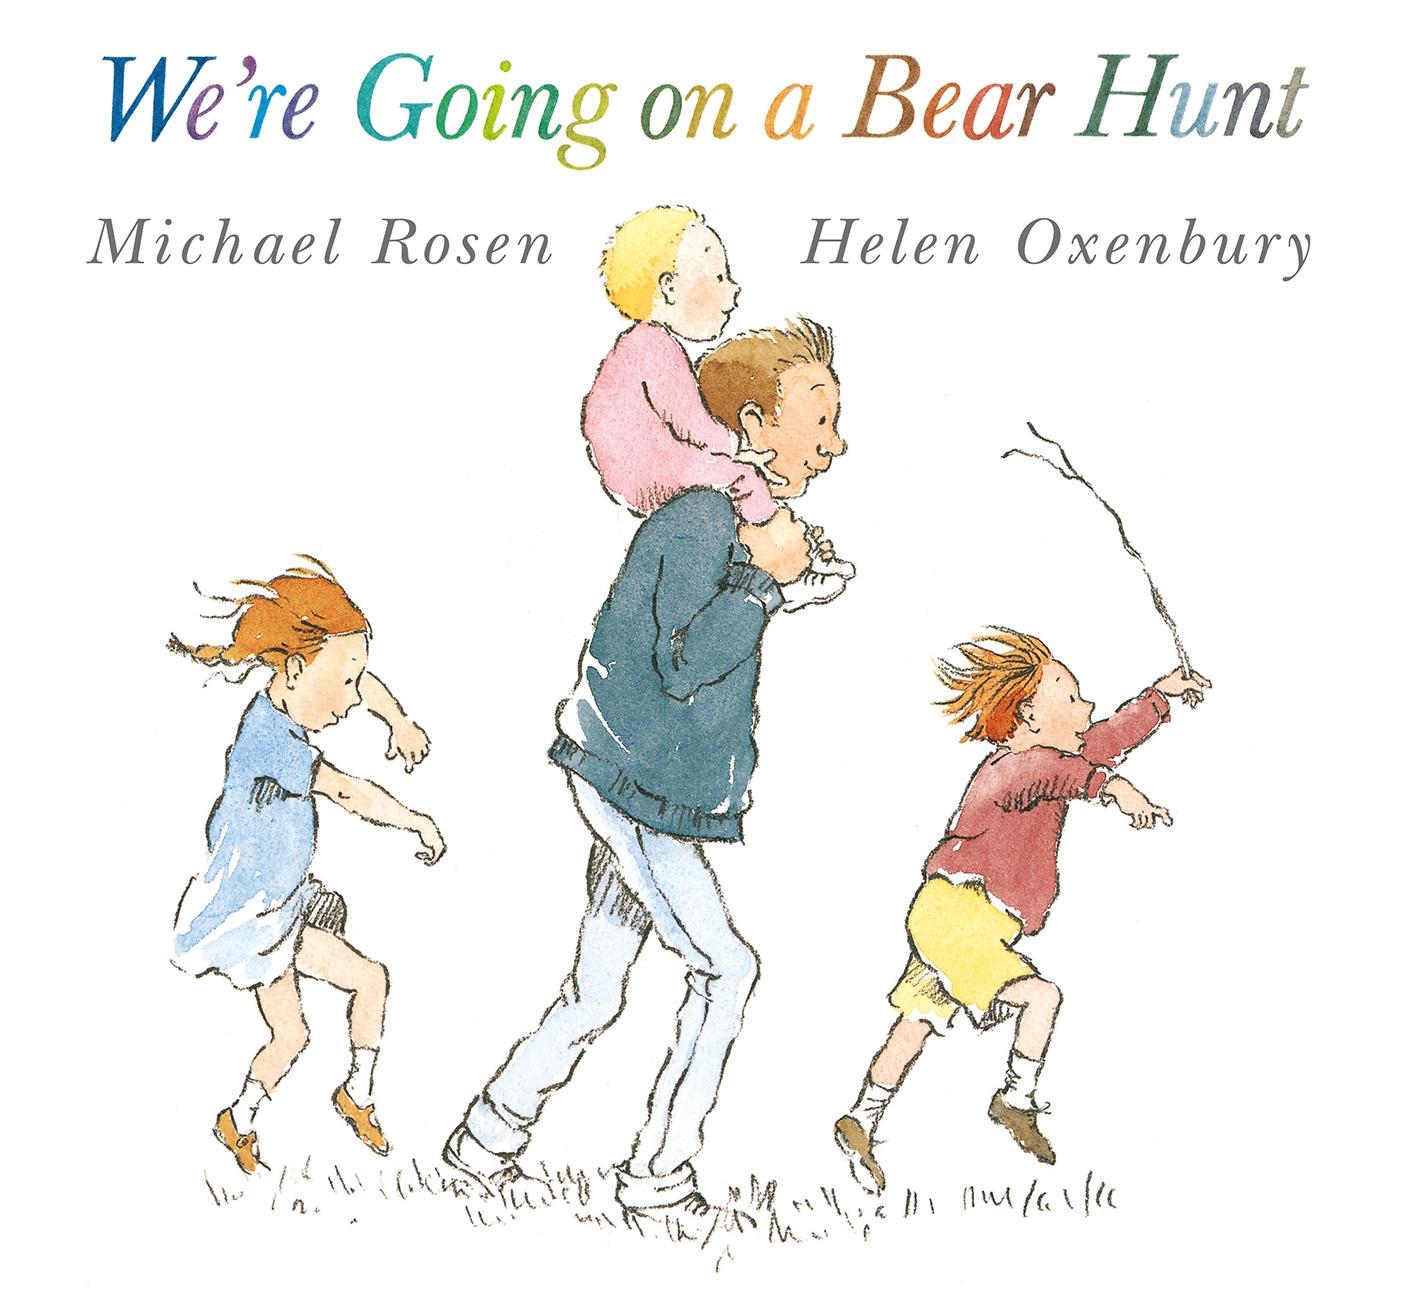 http://1.bp.blogspot.com/_FvmCyKhrGrg/TIpfax8J8QI/AAAAAAAAAjI/uH9DdzKA-oc/s1600/bear-hunt-cover.jpg